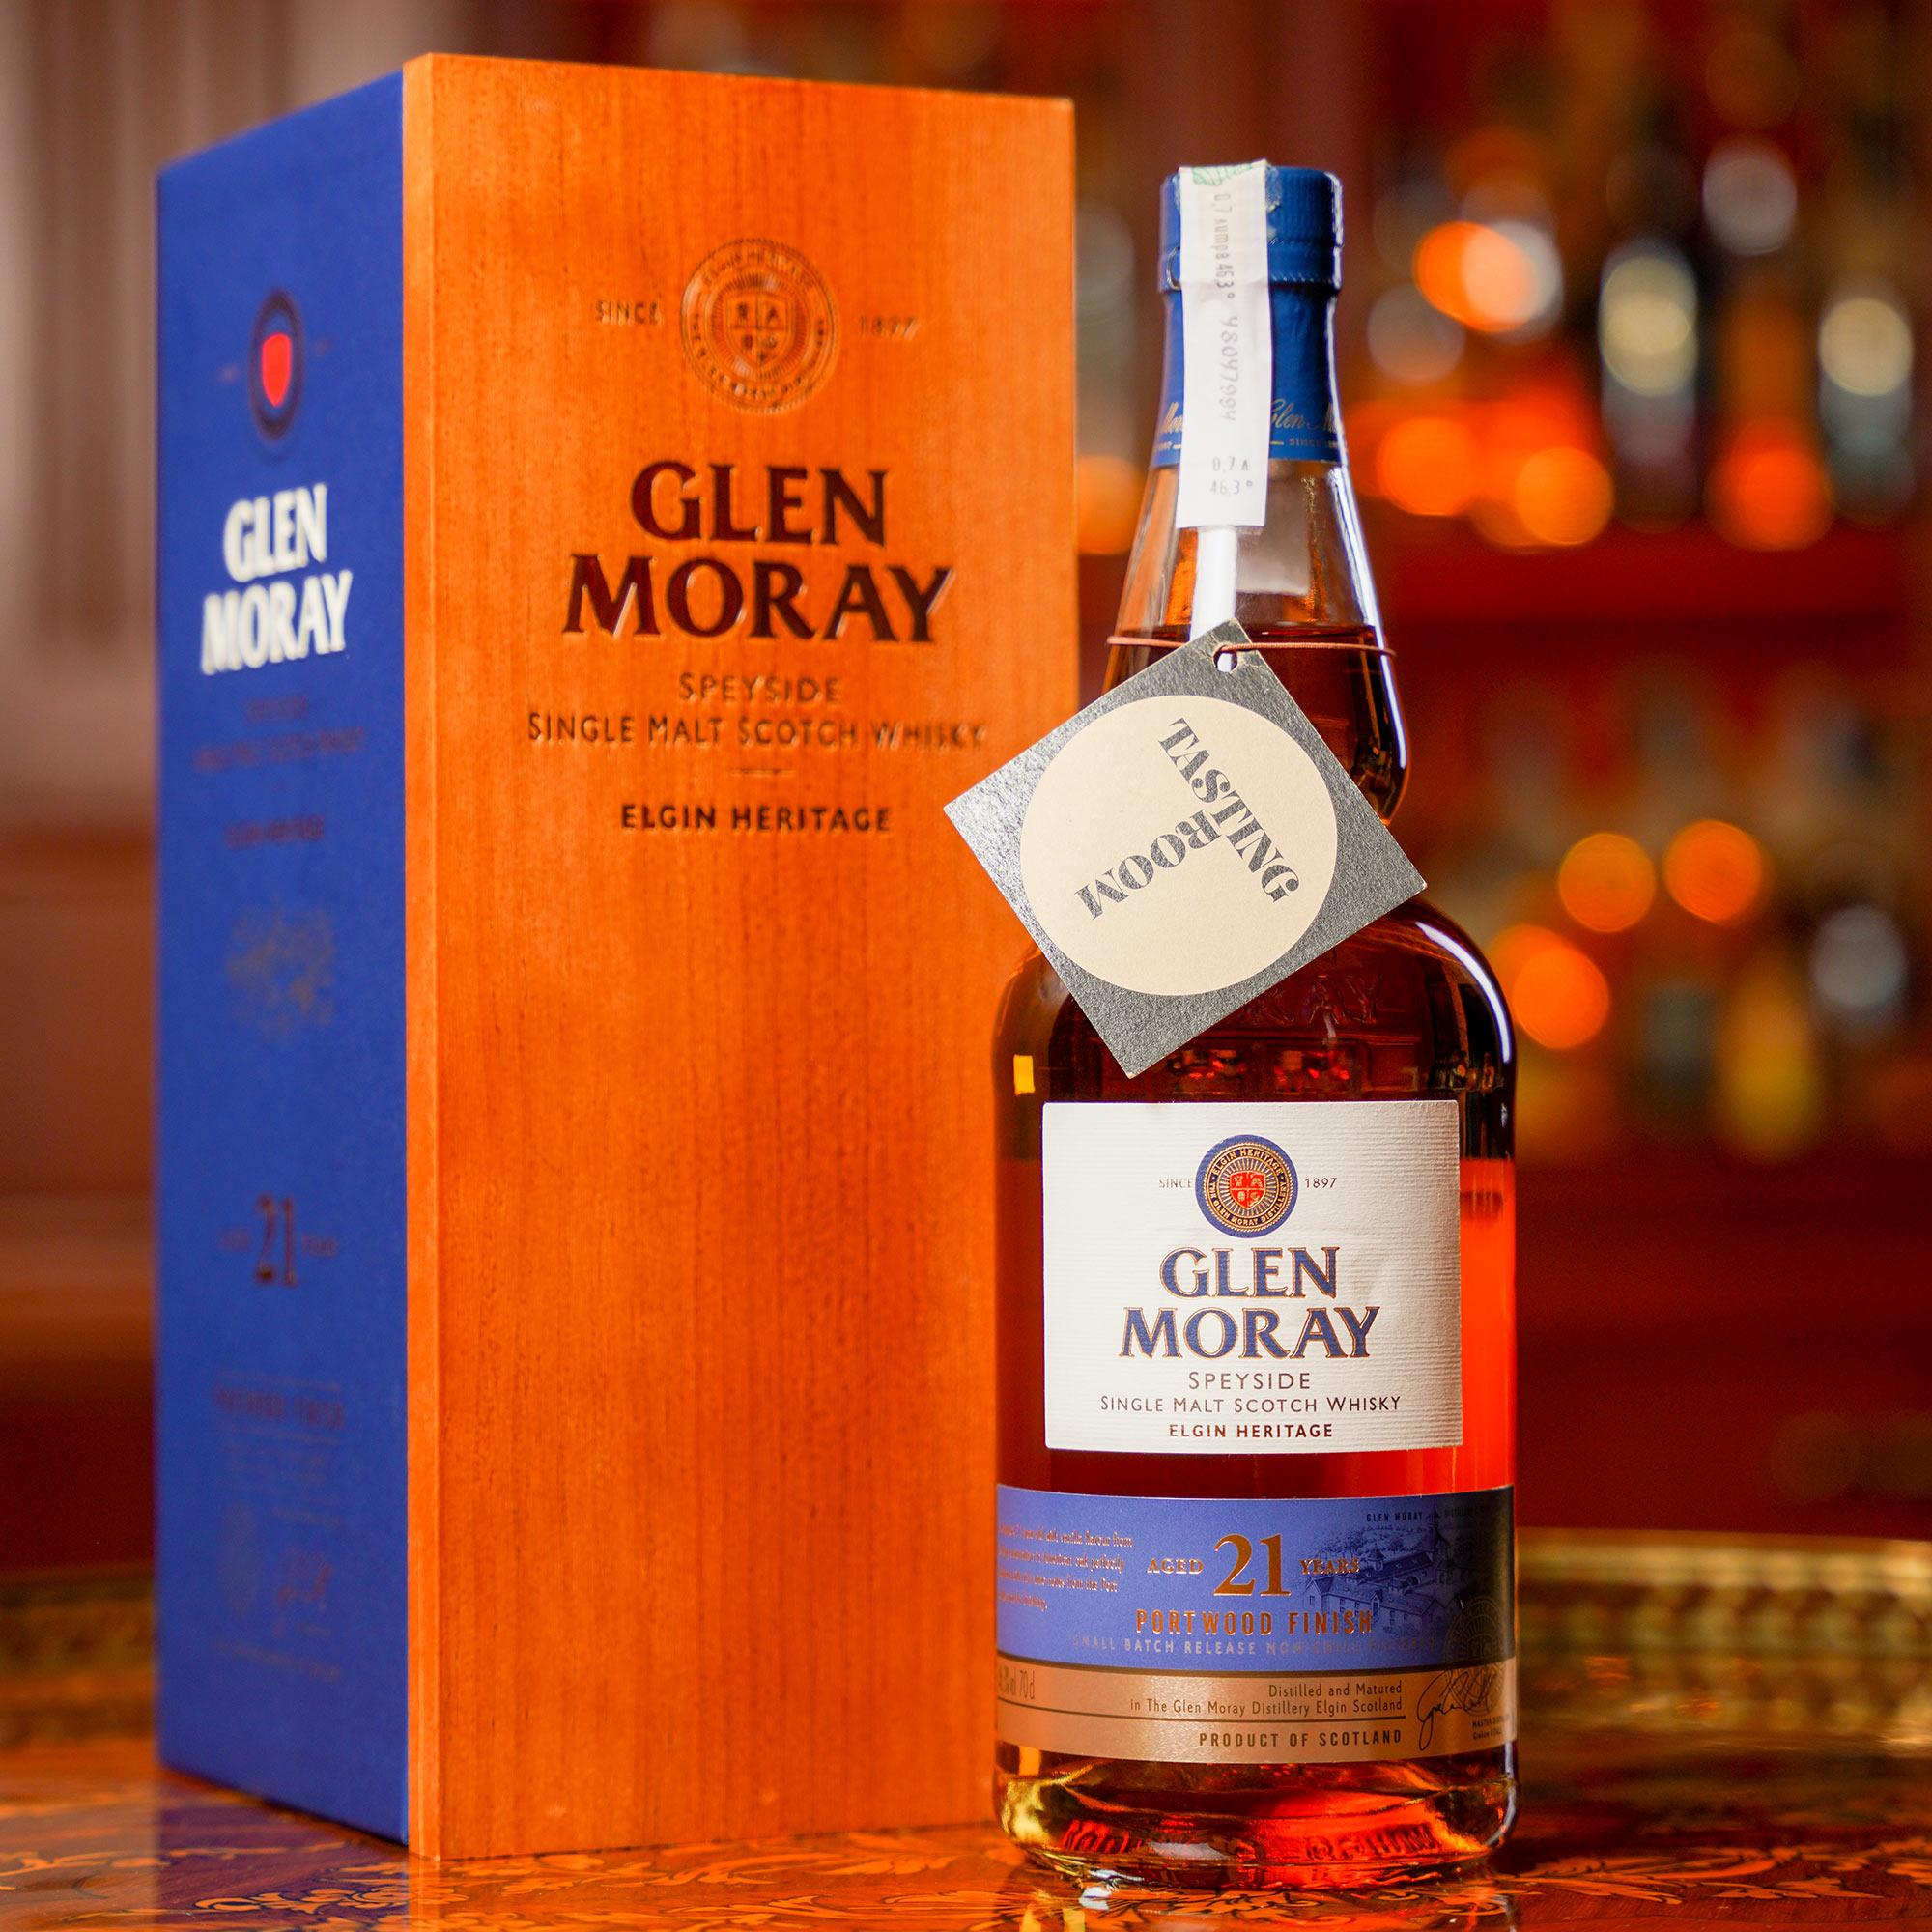 Glen Moray 21 YO Portwood Finish /Глен Морей 21 годишен Портууд финиш